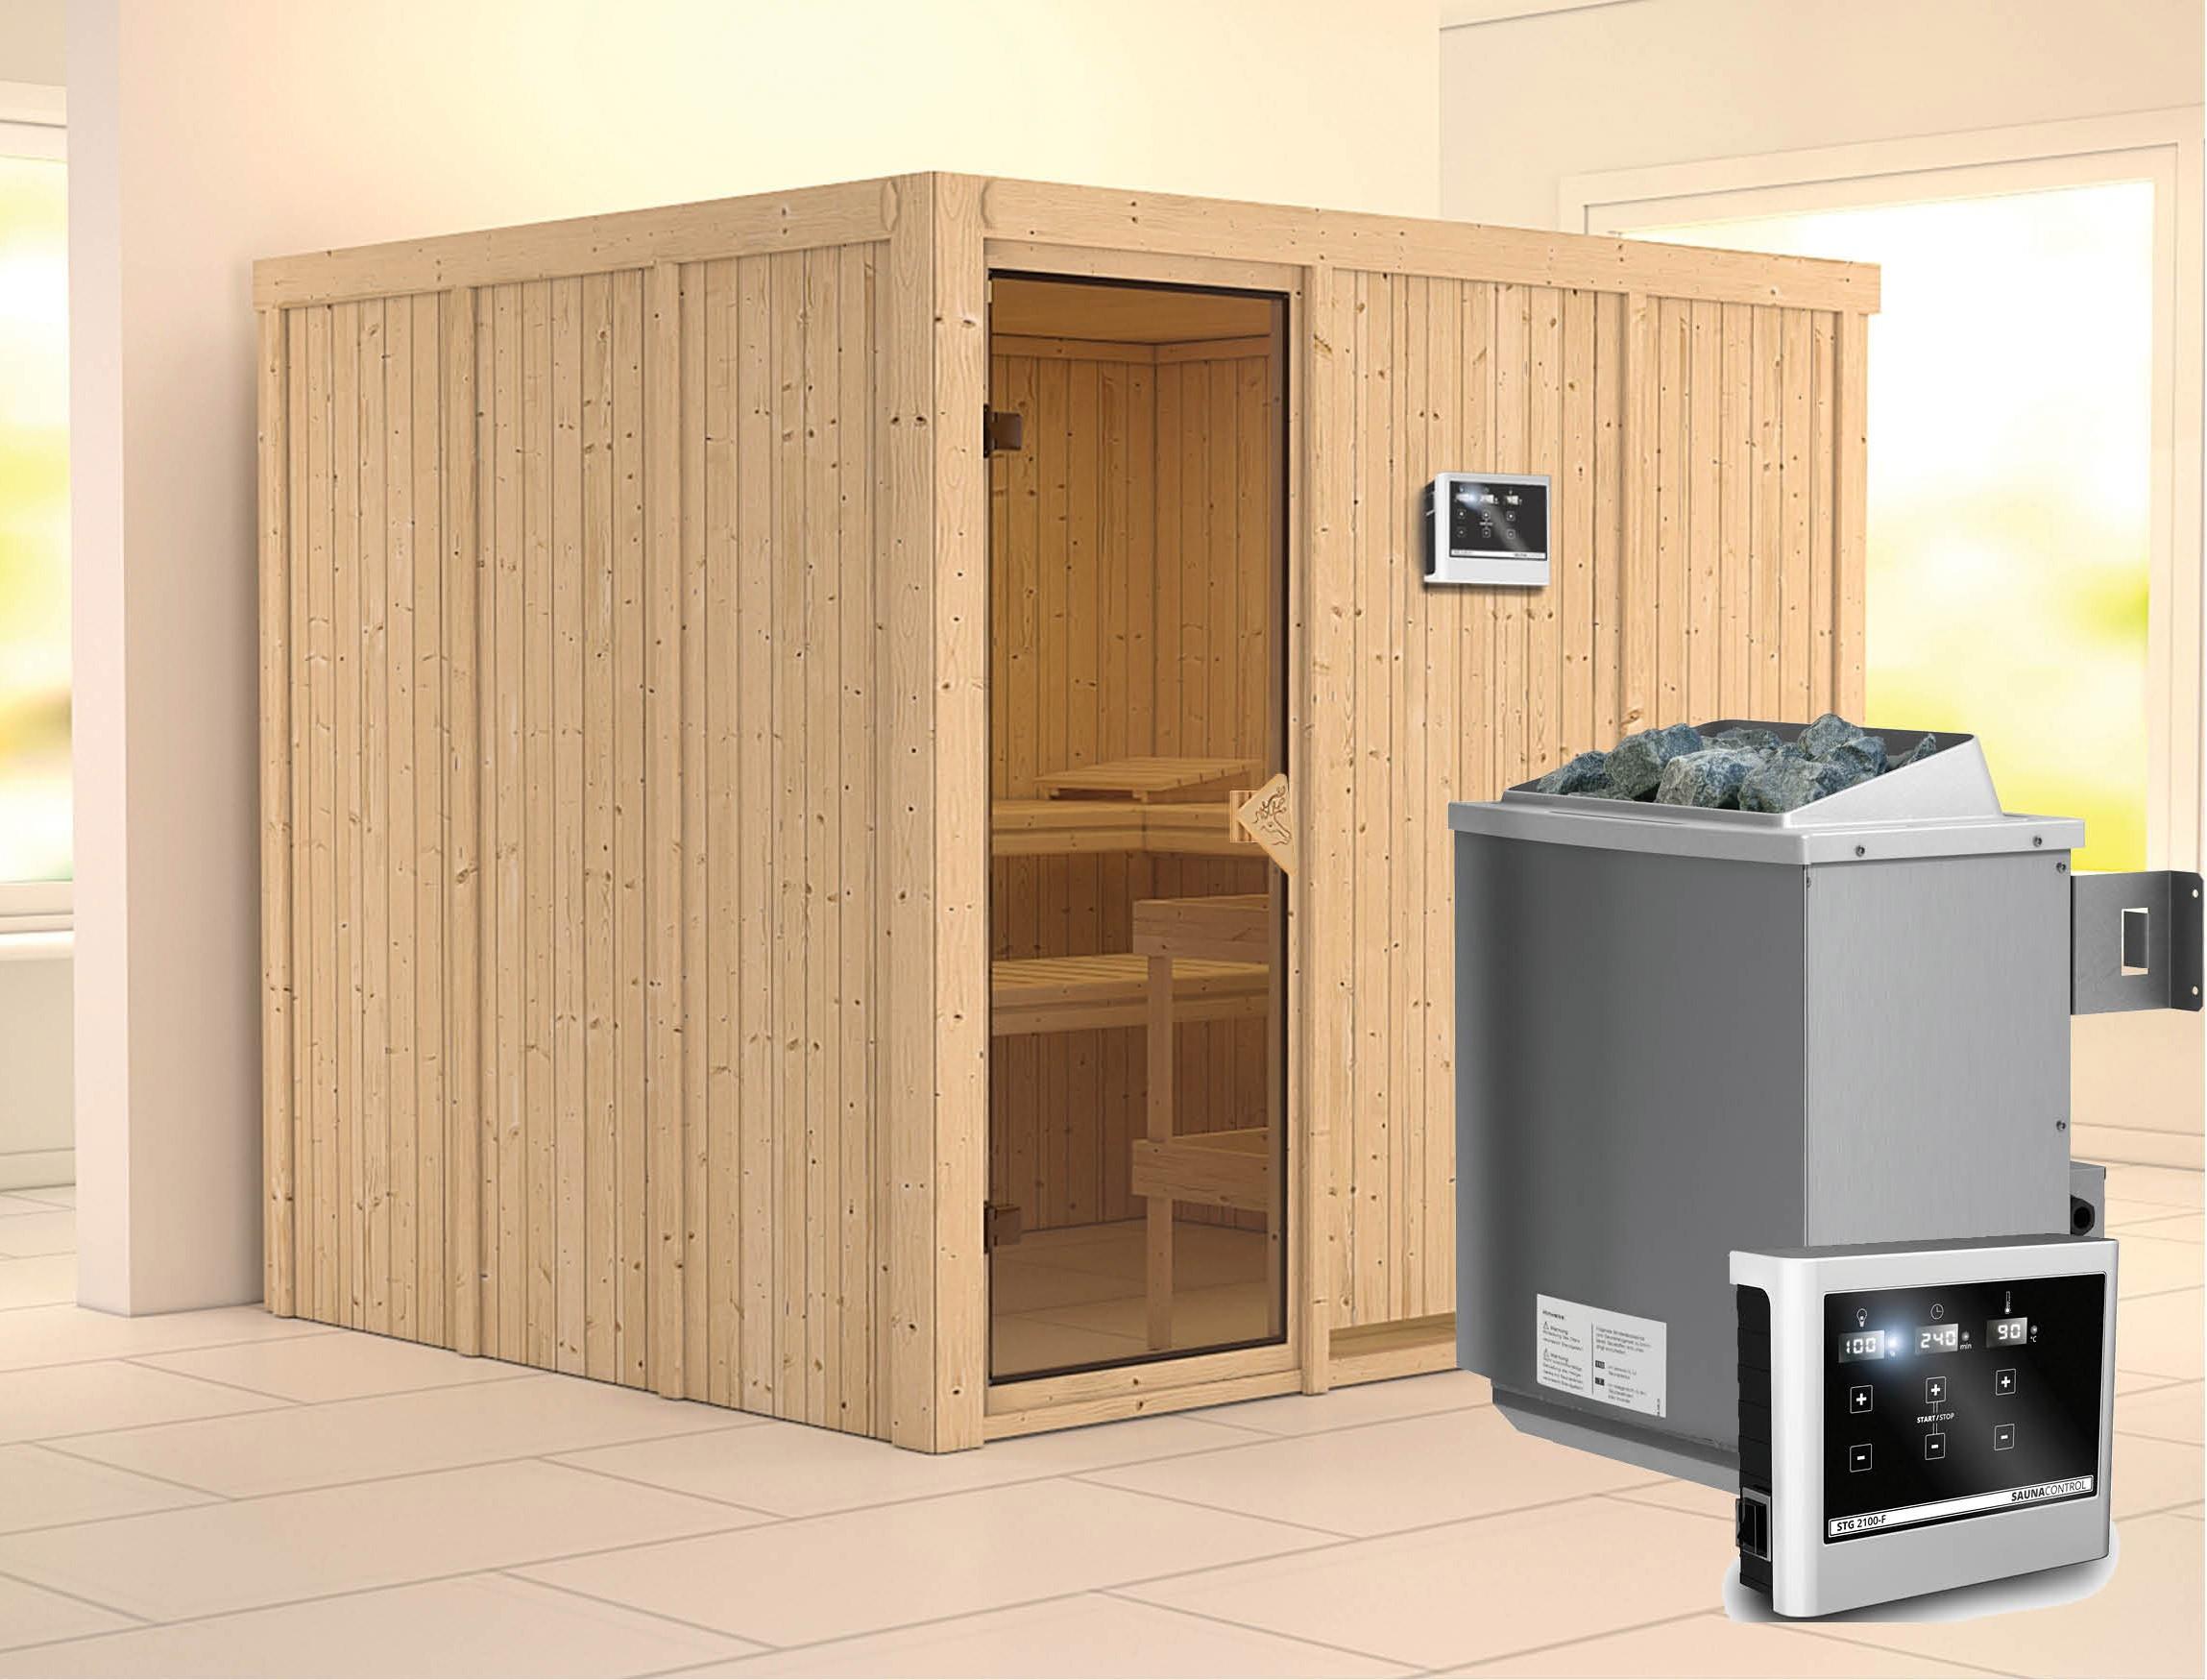 Karibu Sauna Gobin 68mm mit Ofen 9kW extern classic Tür Bild 1